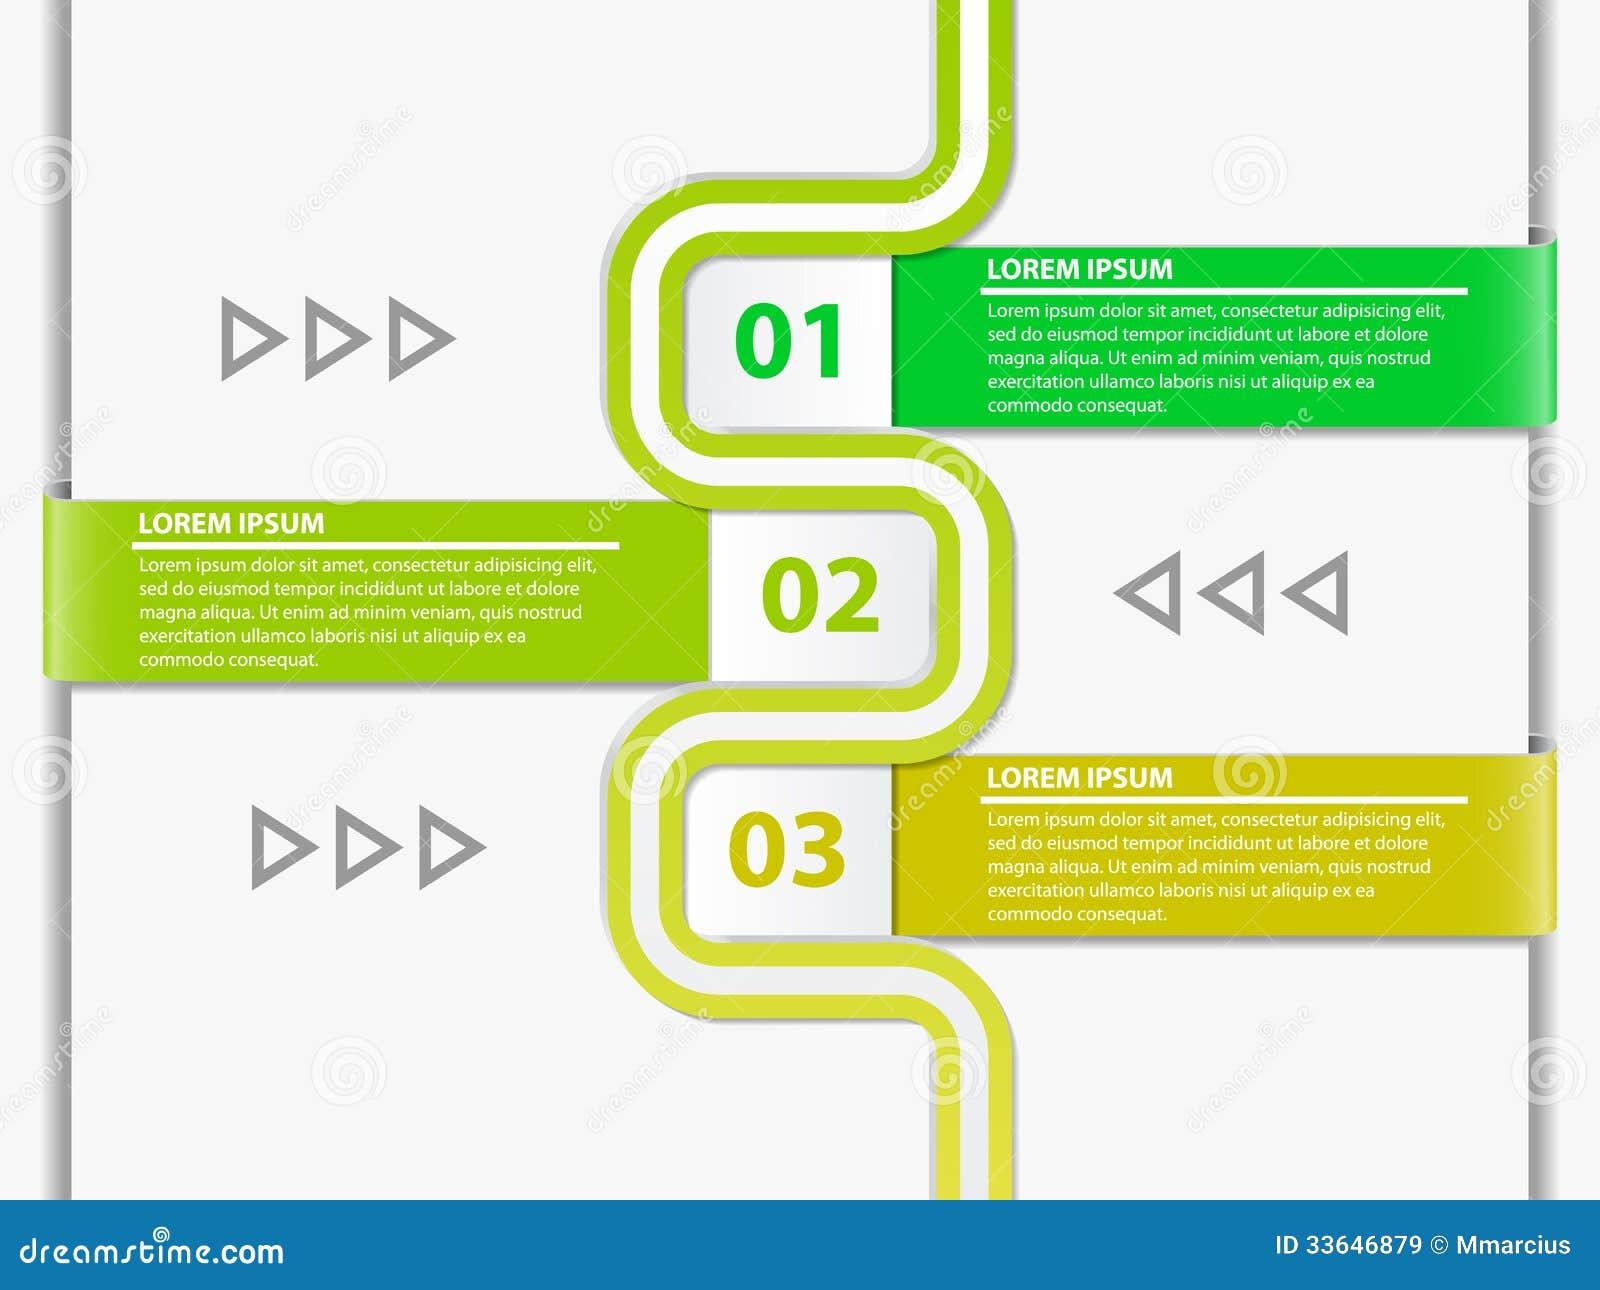 Grafico opzioni open a trading account b b for Opzioni di raccordo economico